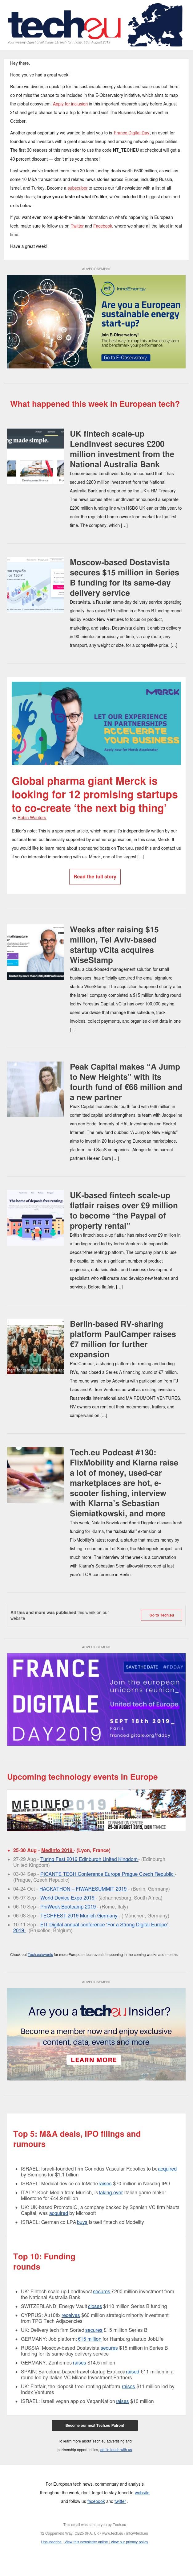 Tech.eu Newsletter #298: LendInvest raises £200 million; Siemens pays $1.1 billion for Corindus; Deliveroo leaves Germany; vCita acquires WiseStamp